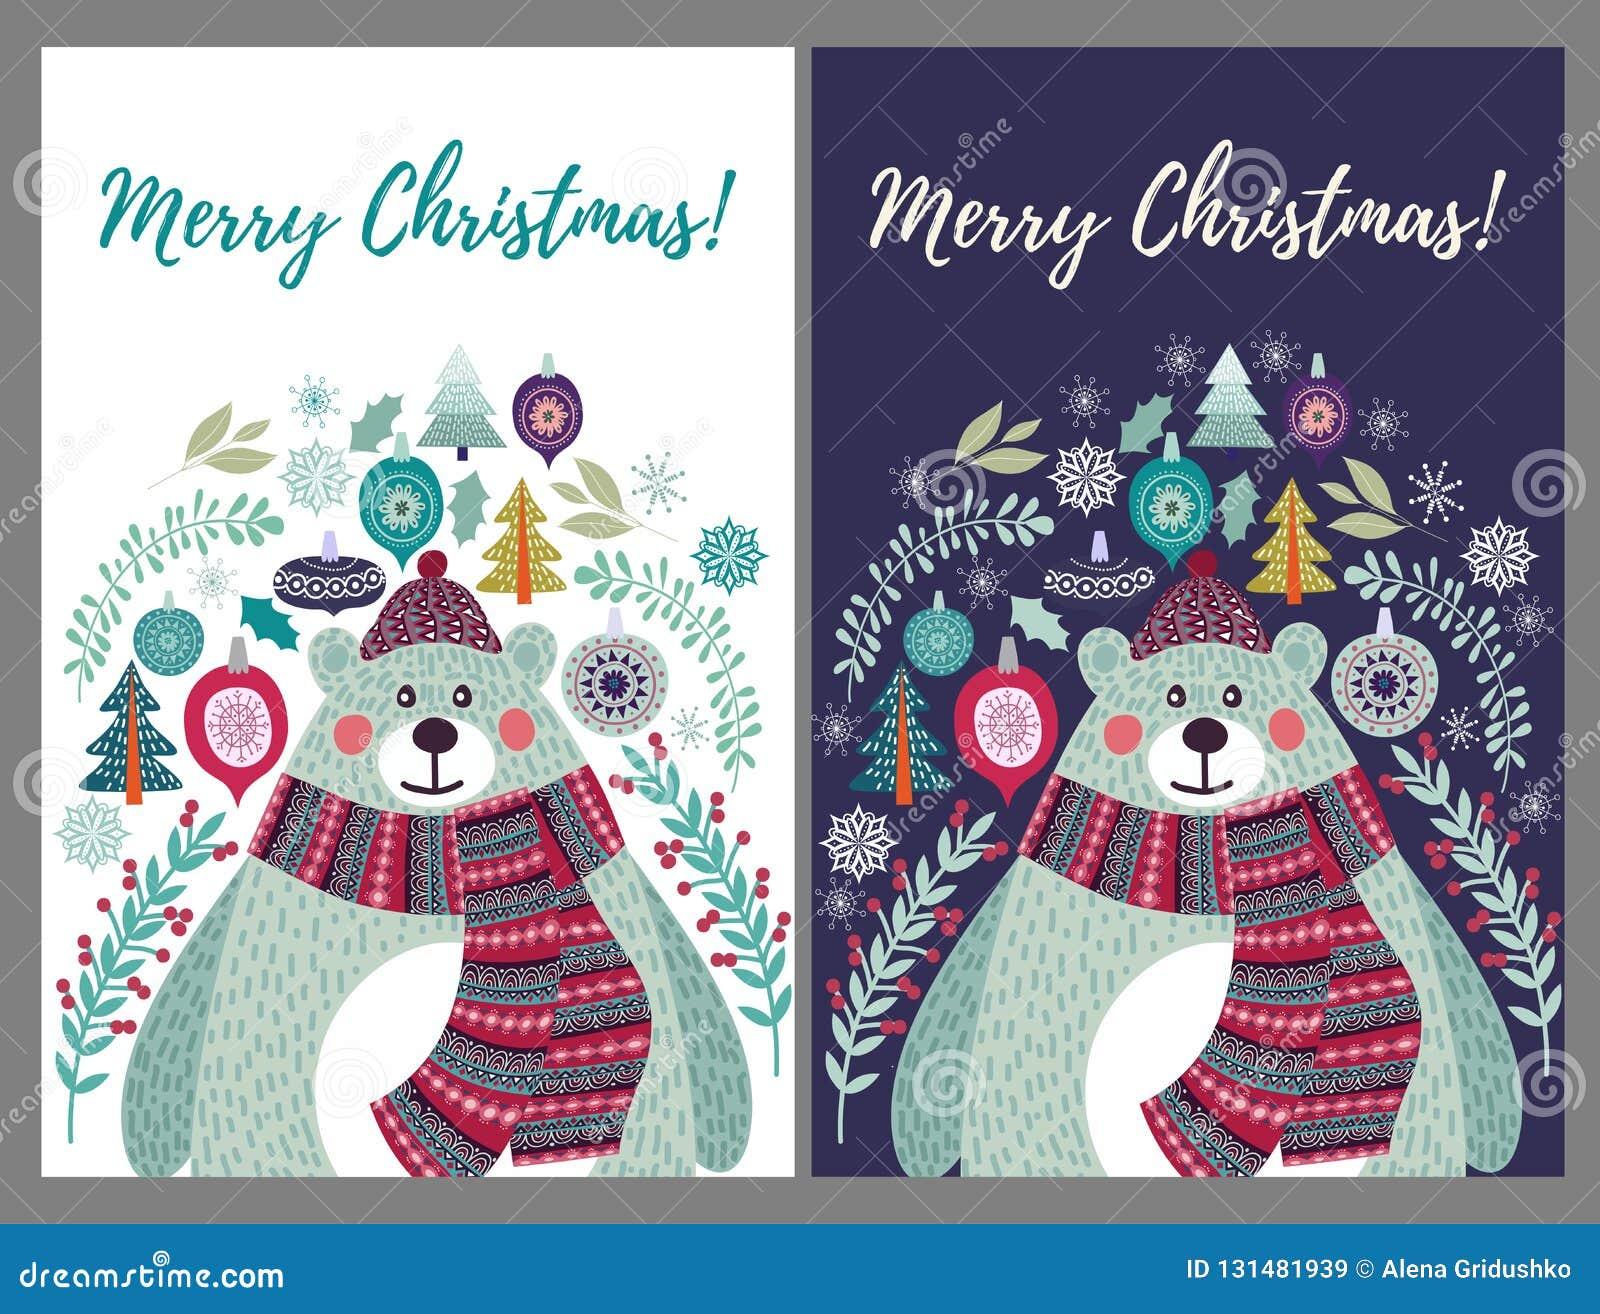 Милый полярный медведь в шляпе и шарфе Установите 2 вариантов для шаблонов рождественских открыток в стиле плоских doodles, векто